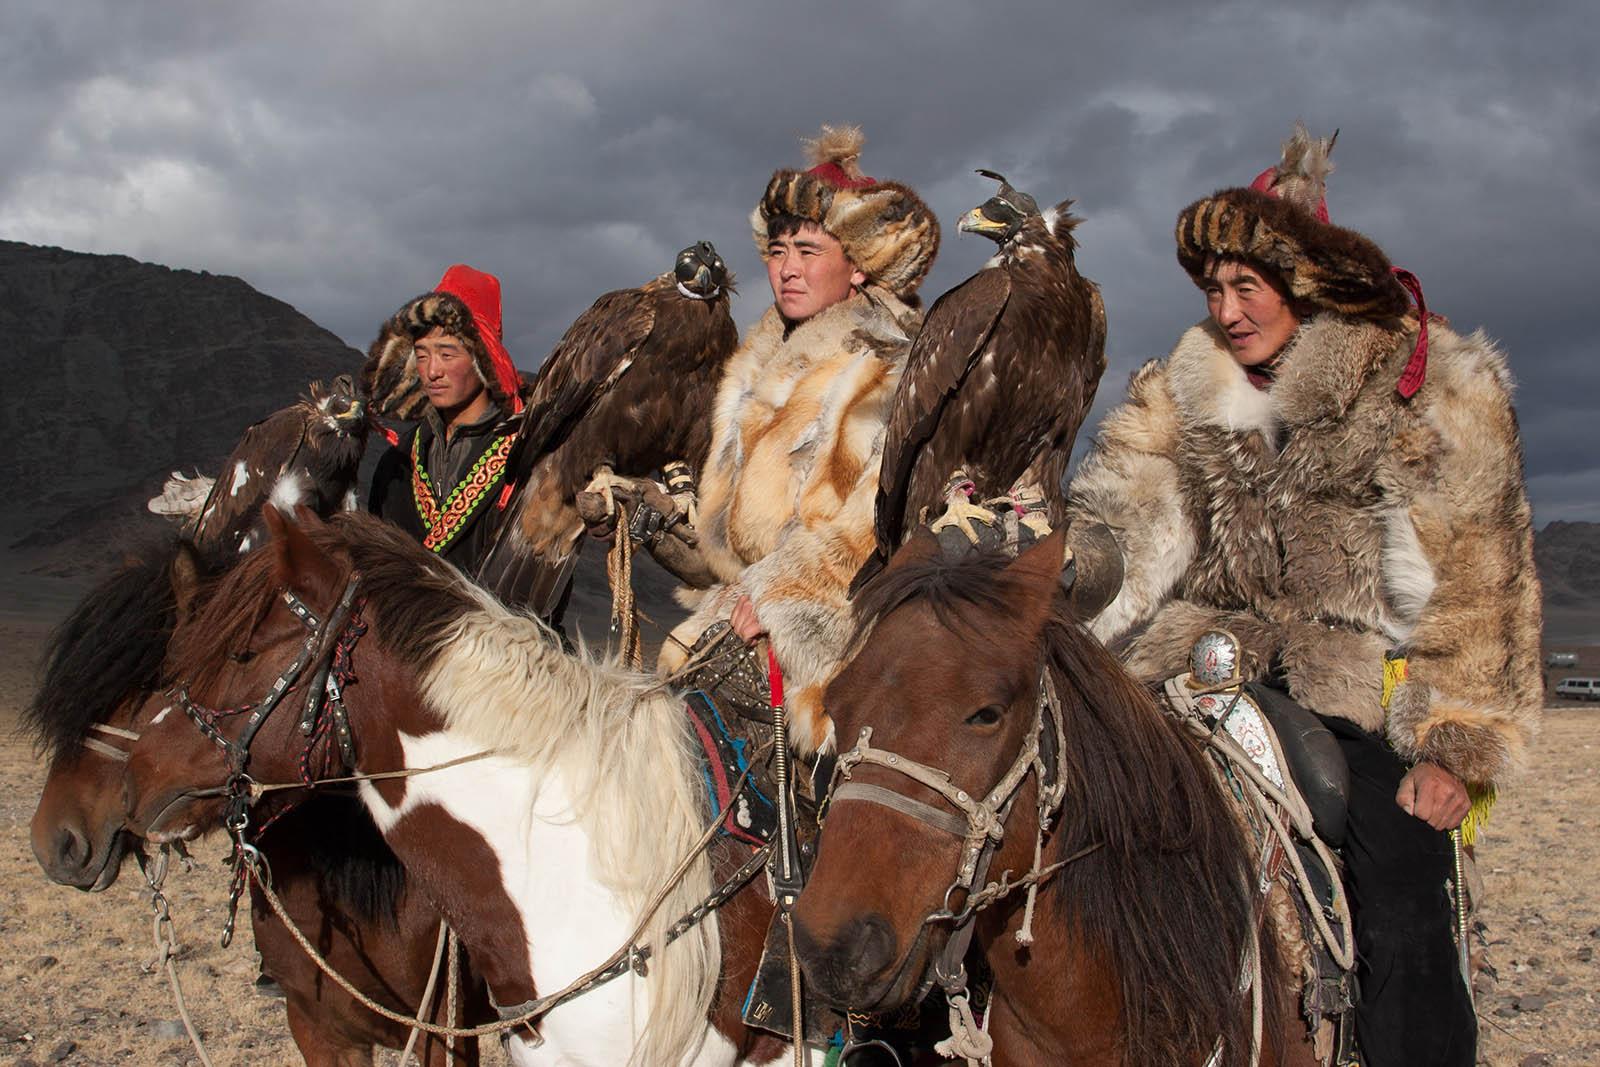 Auf dem Adlerfest im Altai-Gebirge